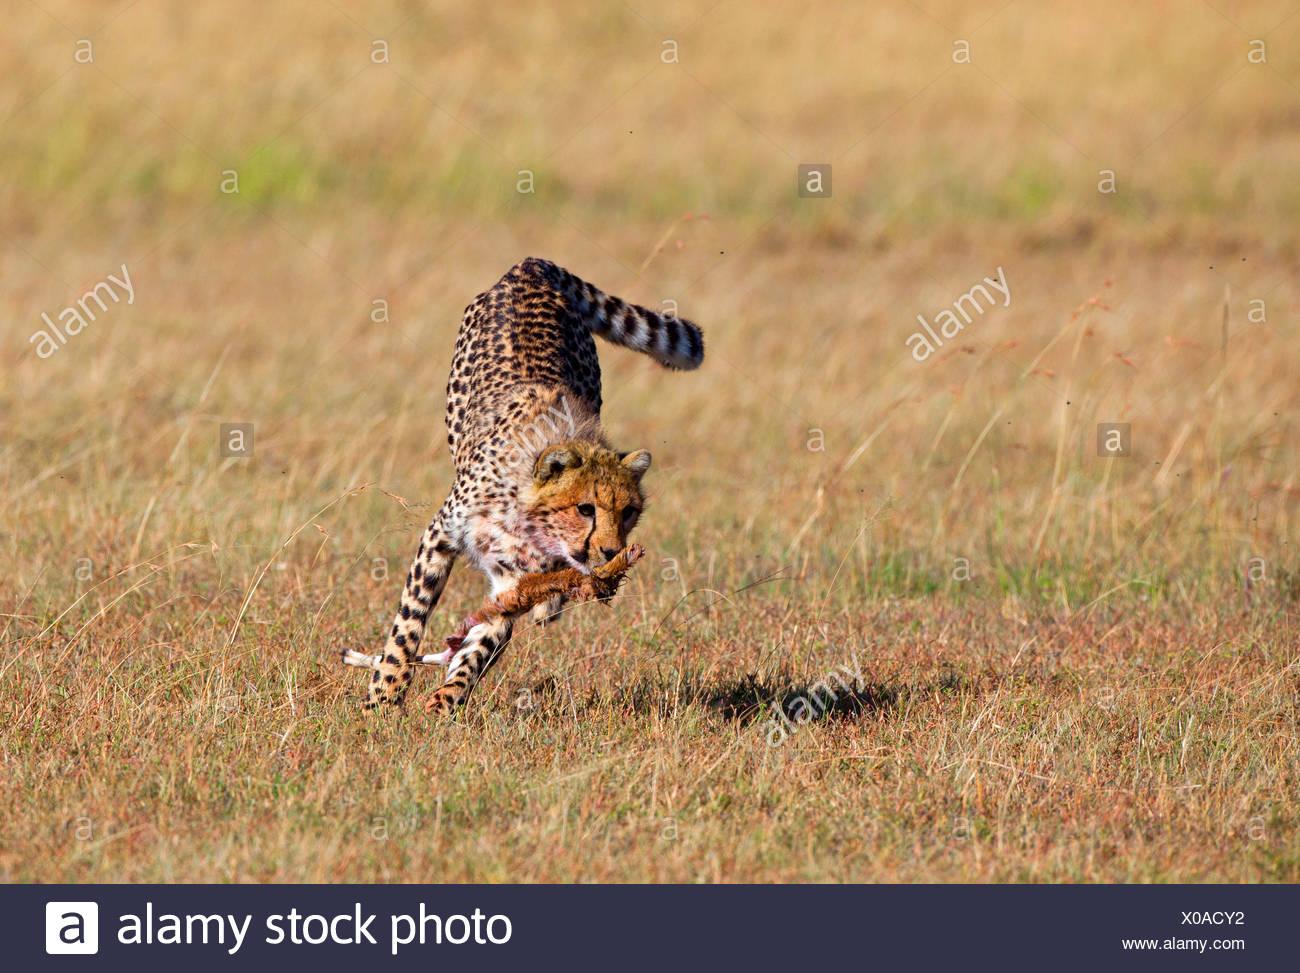 Le Guépard (Acinonyx jubatus), s'enfuit avec une partie d'un cadavre dans la bouche, Kenya, Masai Mara National Park Photo Stock